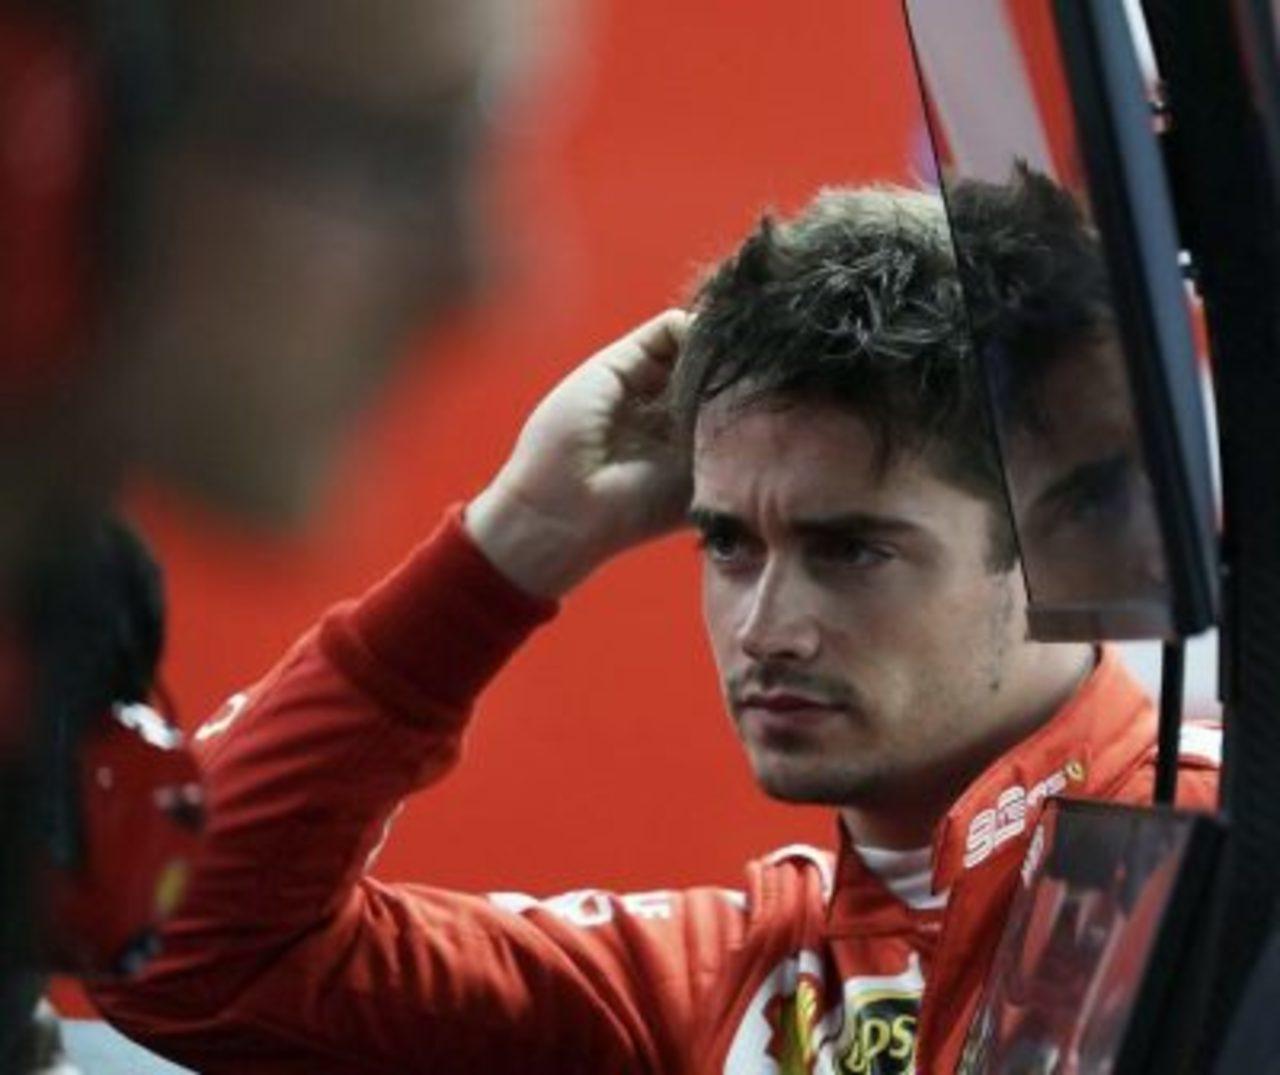 Para Jean Todt , Charles Leclerc ya tiene el potencial para ser campeón, pero le falta el coche.